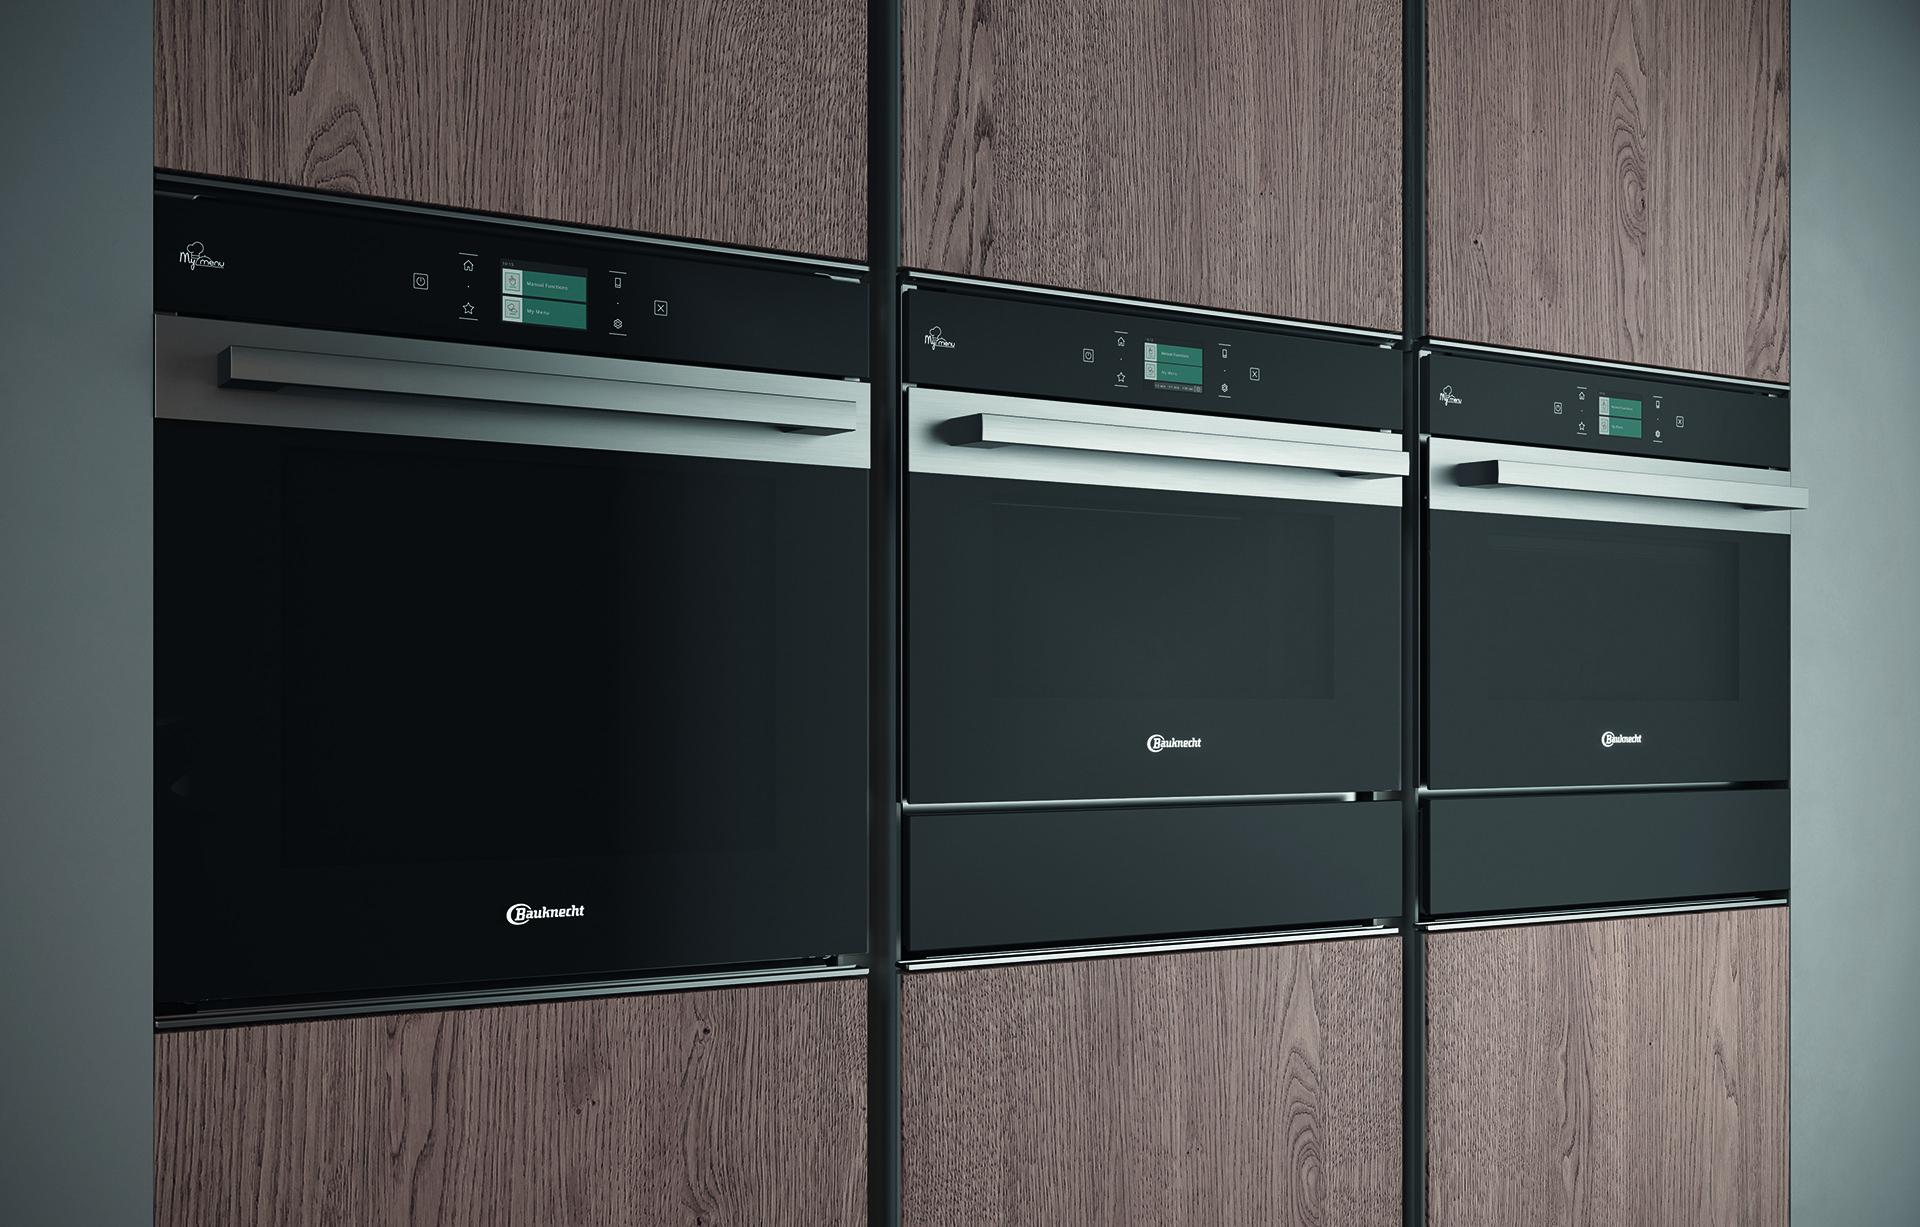 Bauknecht ovens. Energiezunige en gebruiksvriendelijke inbouwapparatuur #keukenapparatuur #inbouwapparatuur #ovens #bauknecht